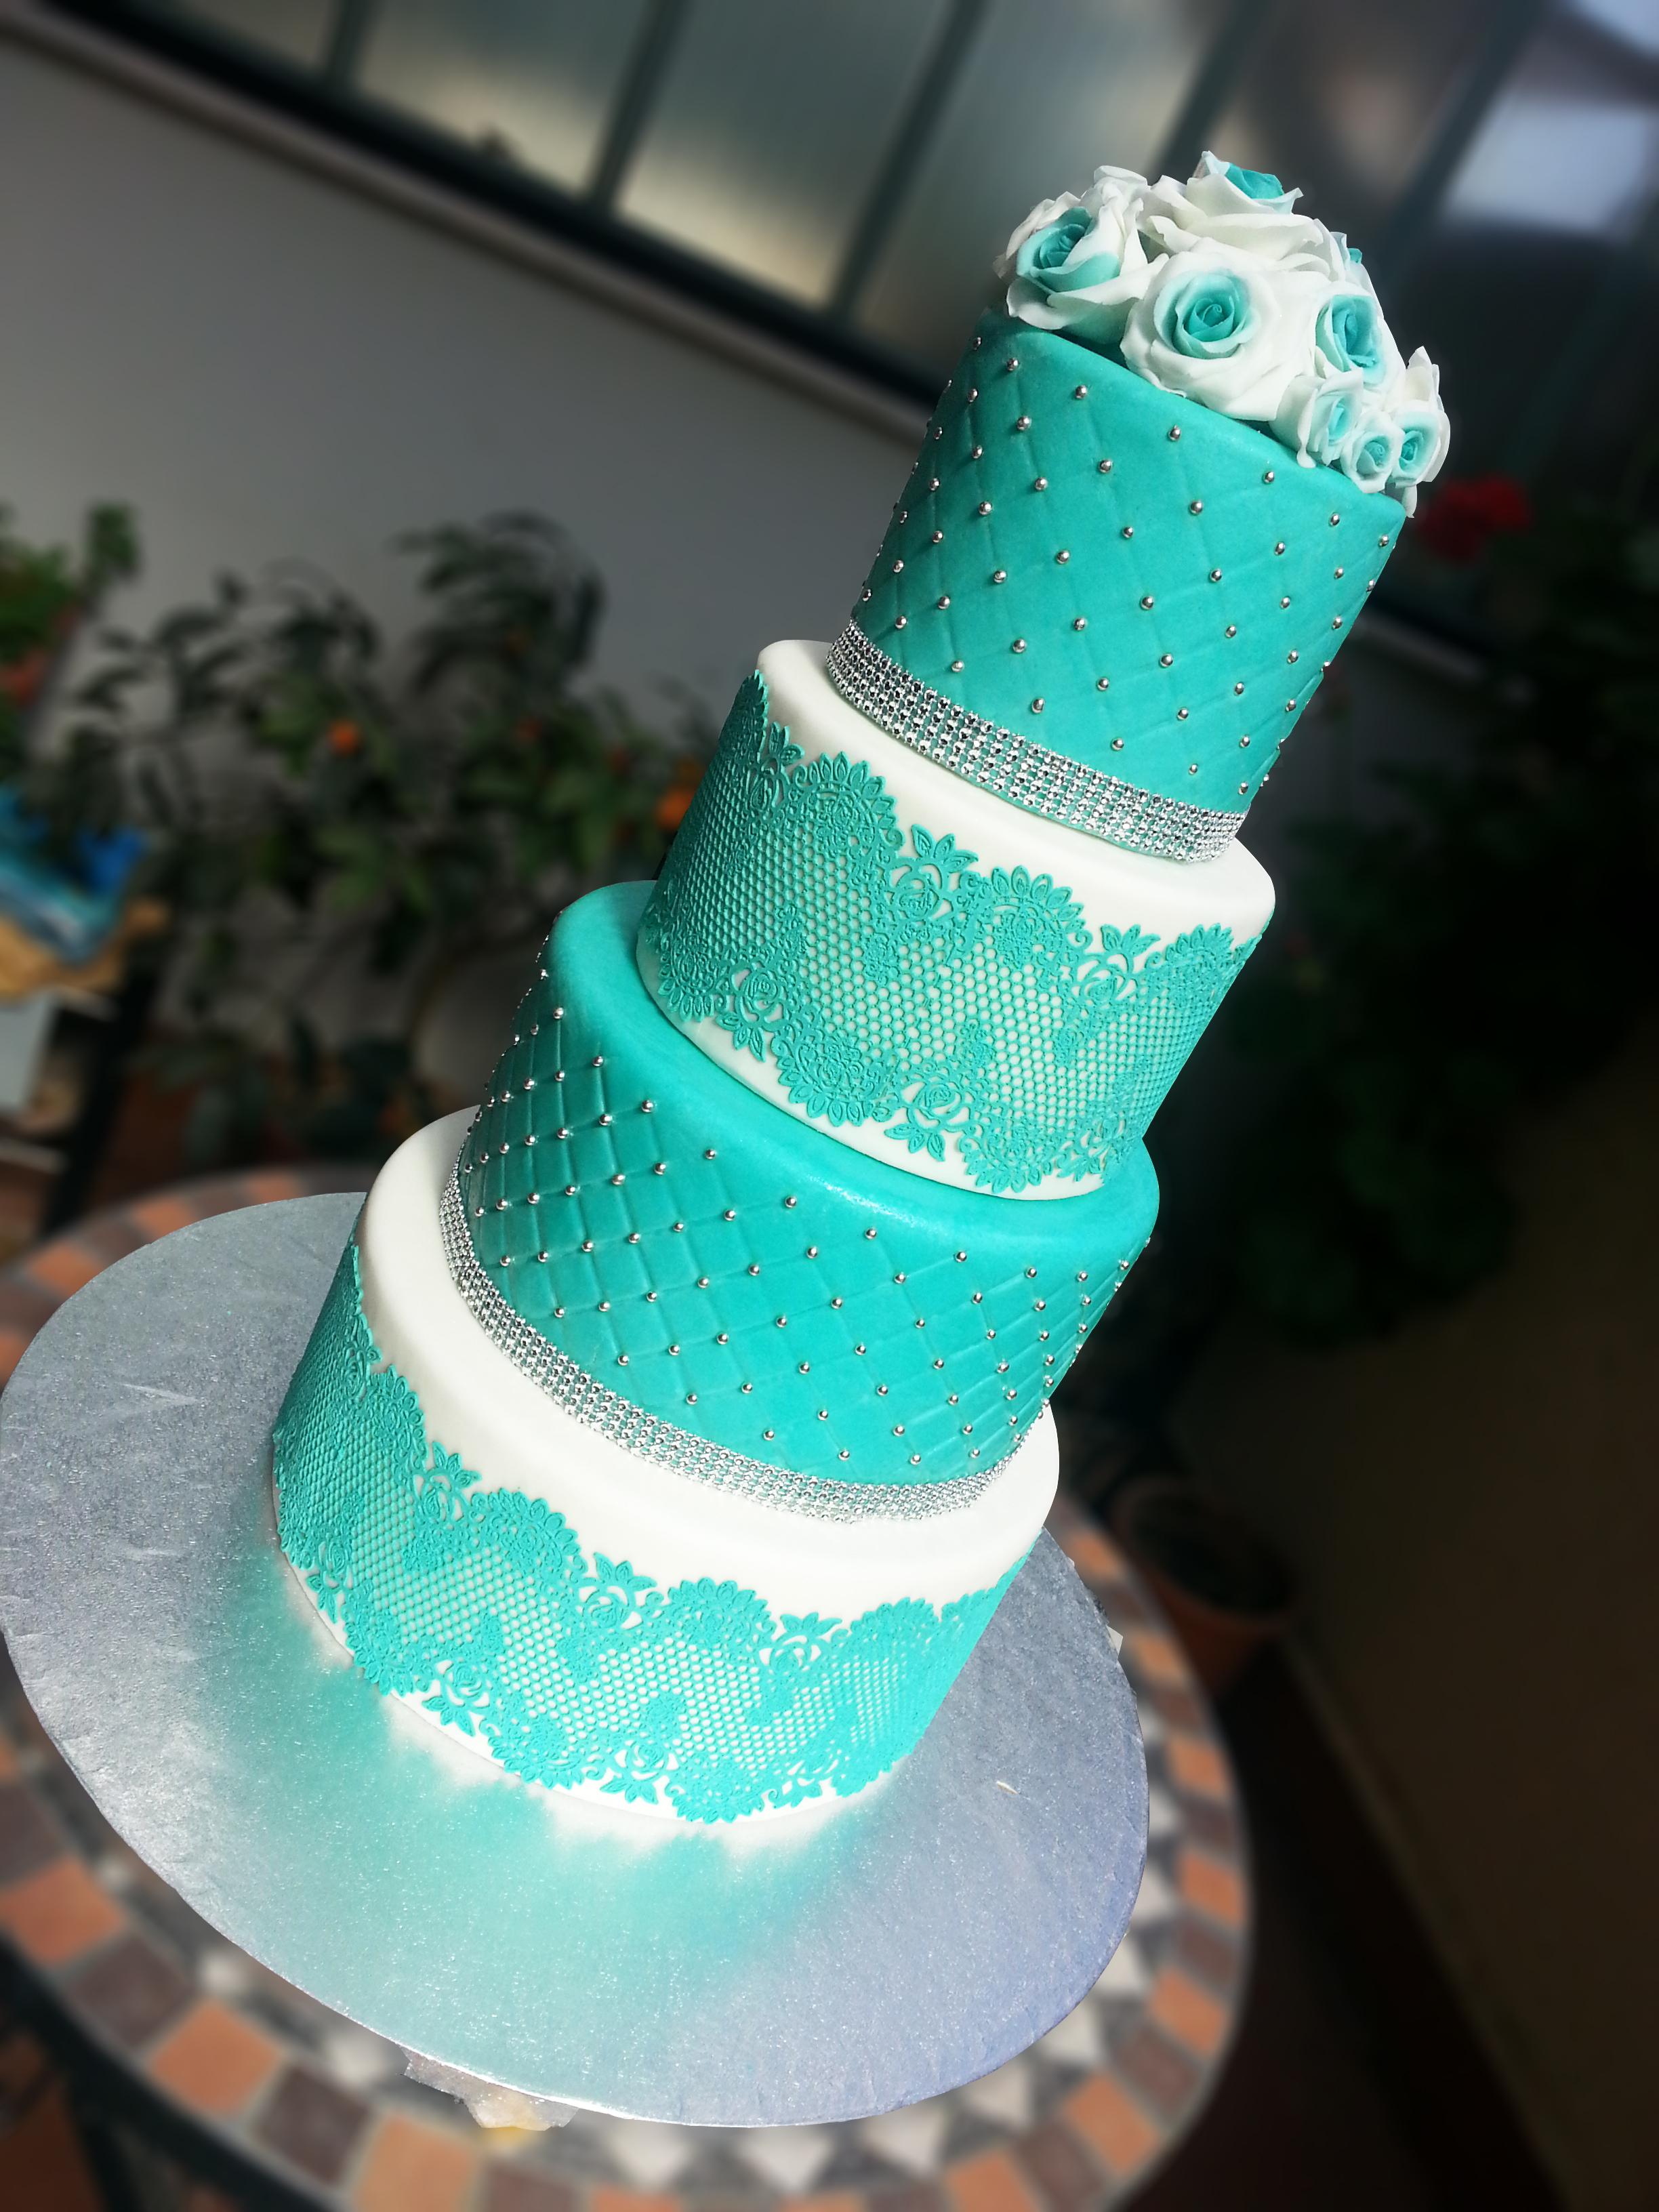 Tutto sulle torte decorate cuginette sul g teau for Piani ragionevoli per la casa